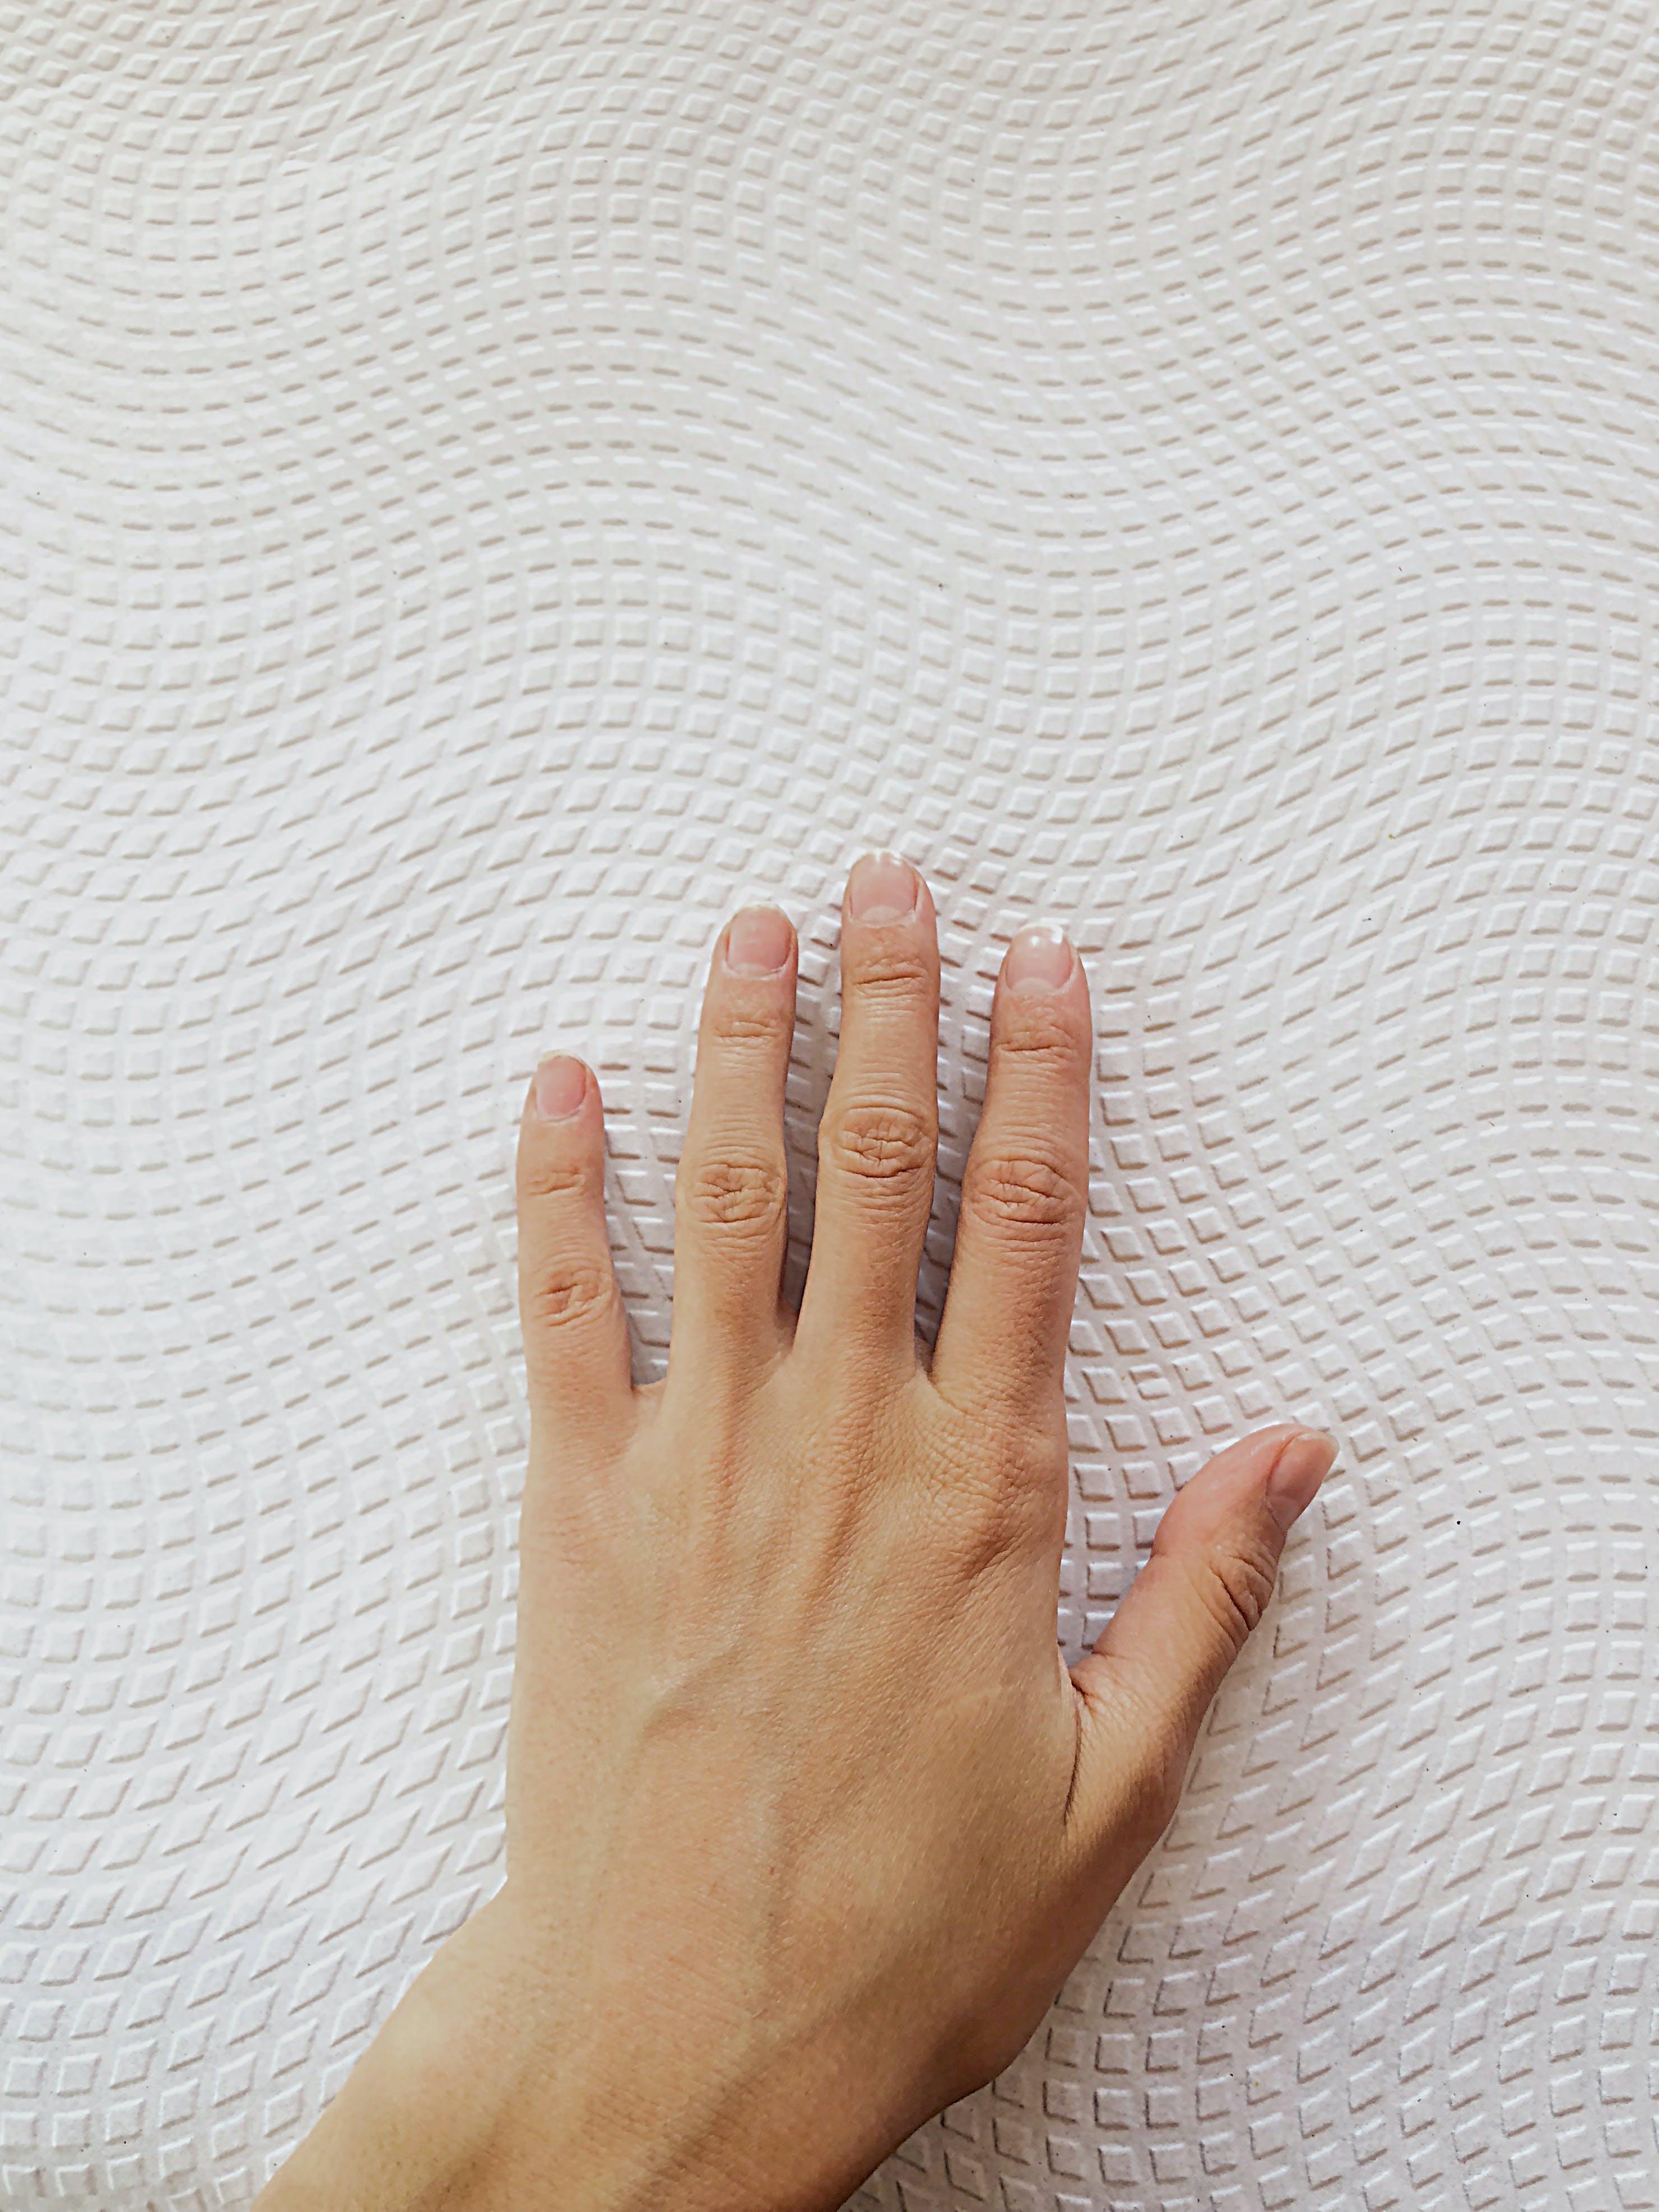 Foto d'estoc gratuïta de dits, interior, mà, pell